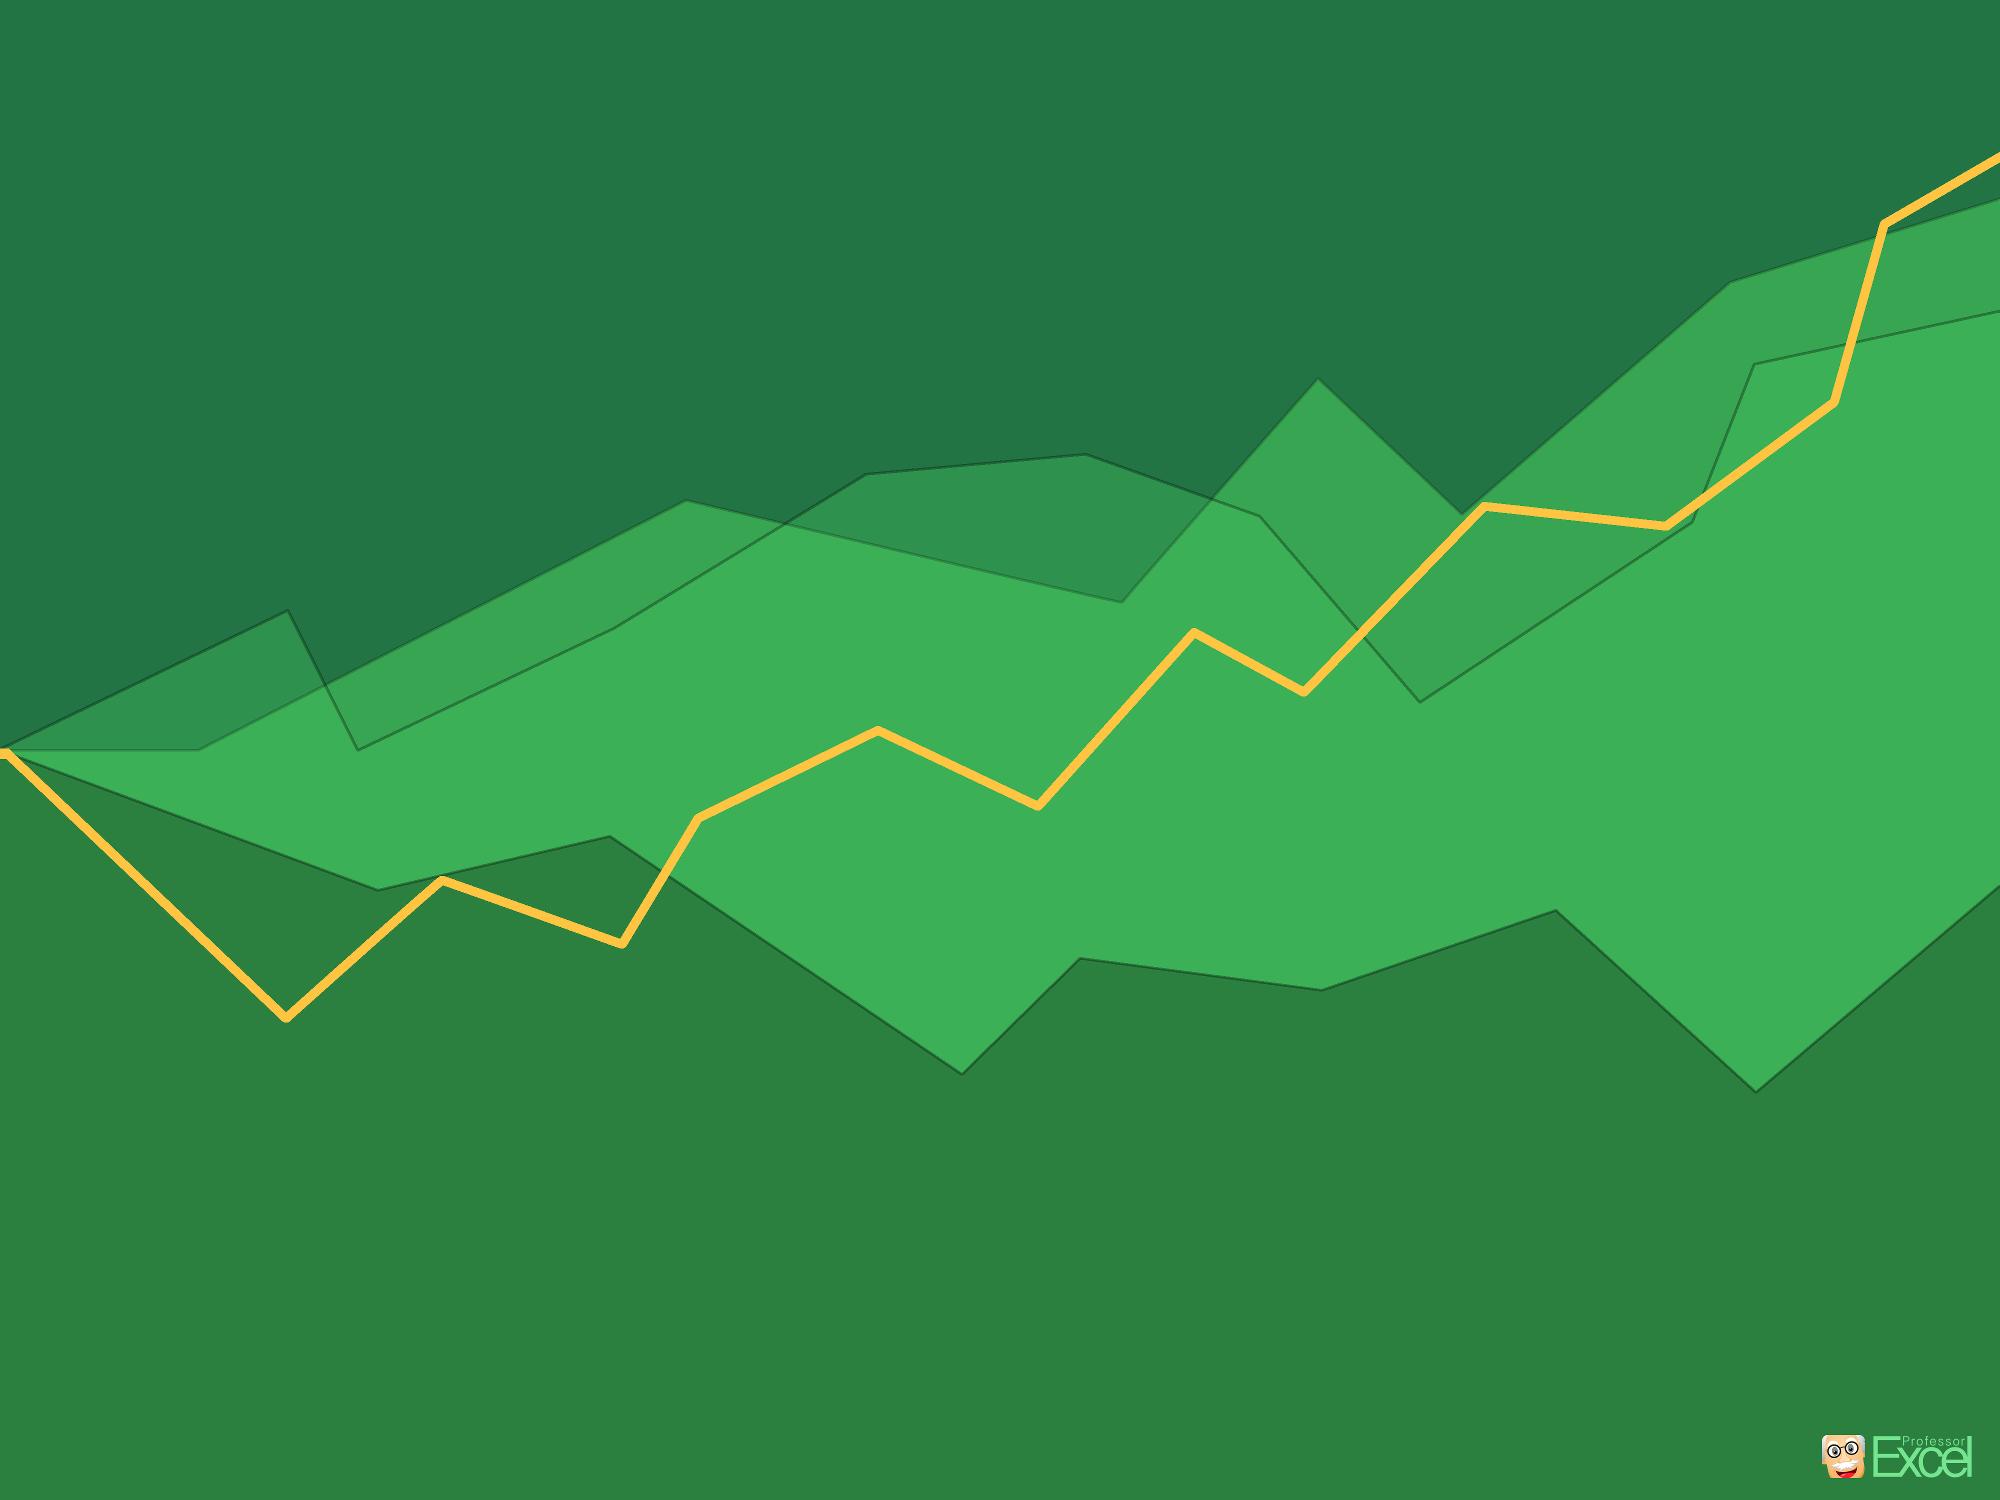 Background image excel - Wallpaper Excel Graph Desktop Background Green